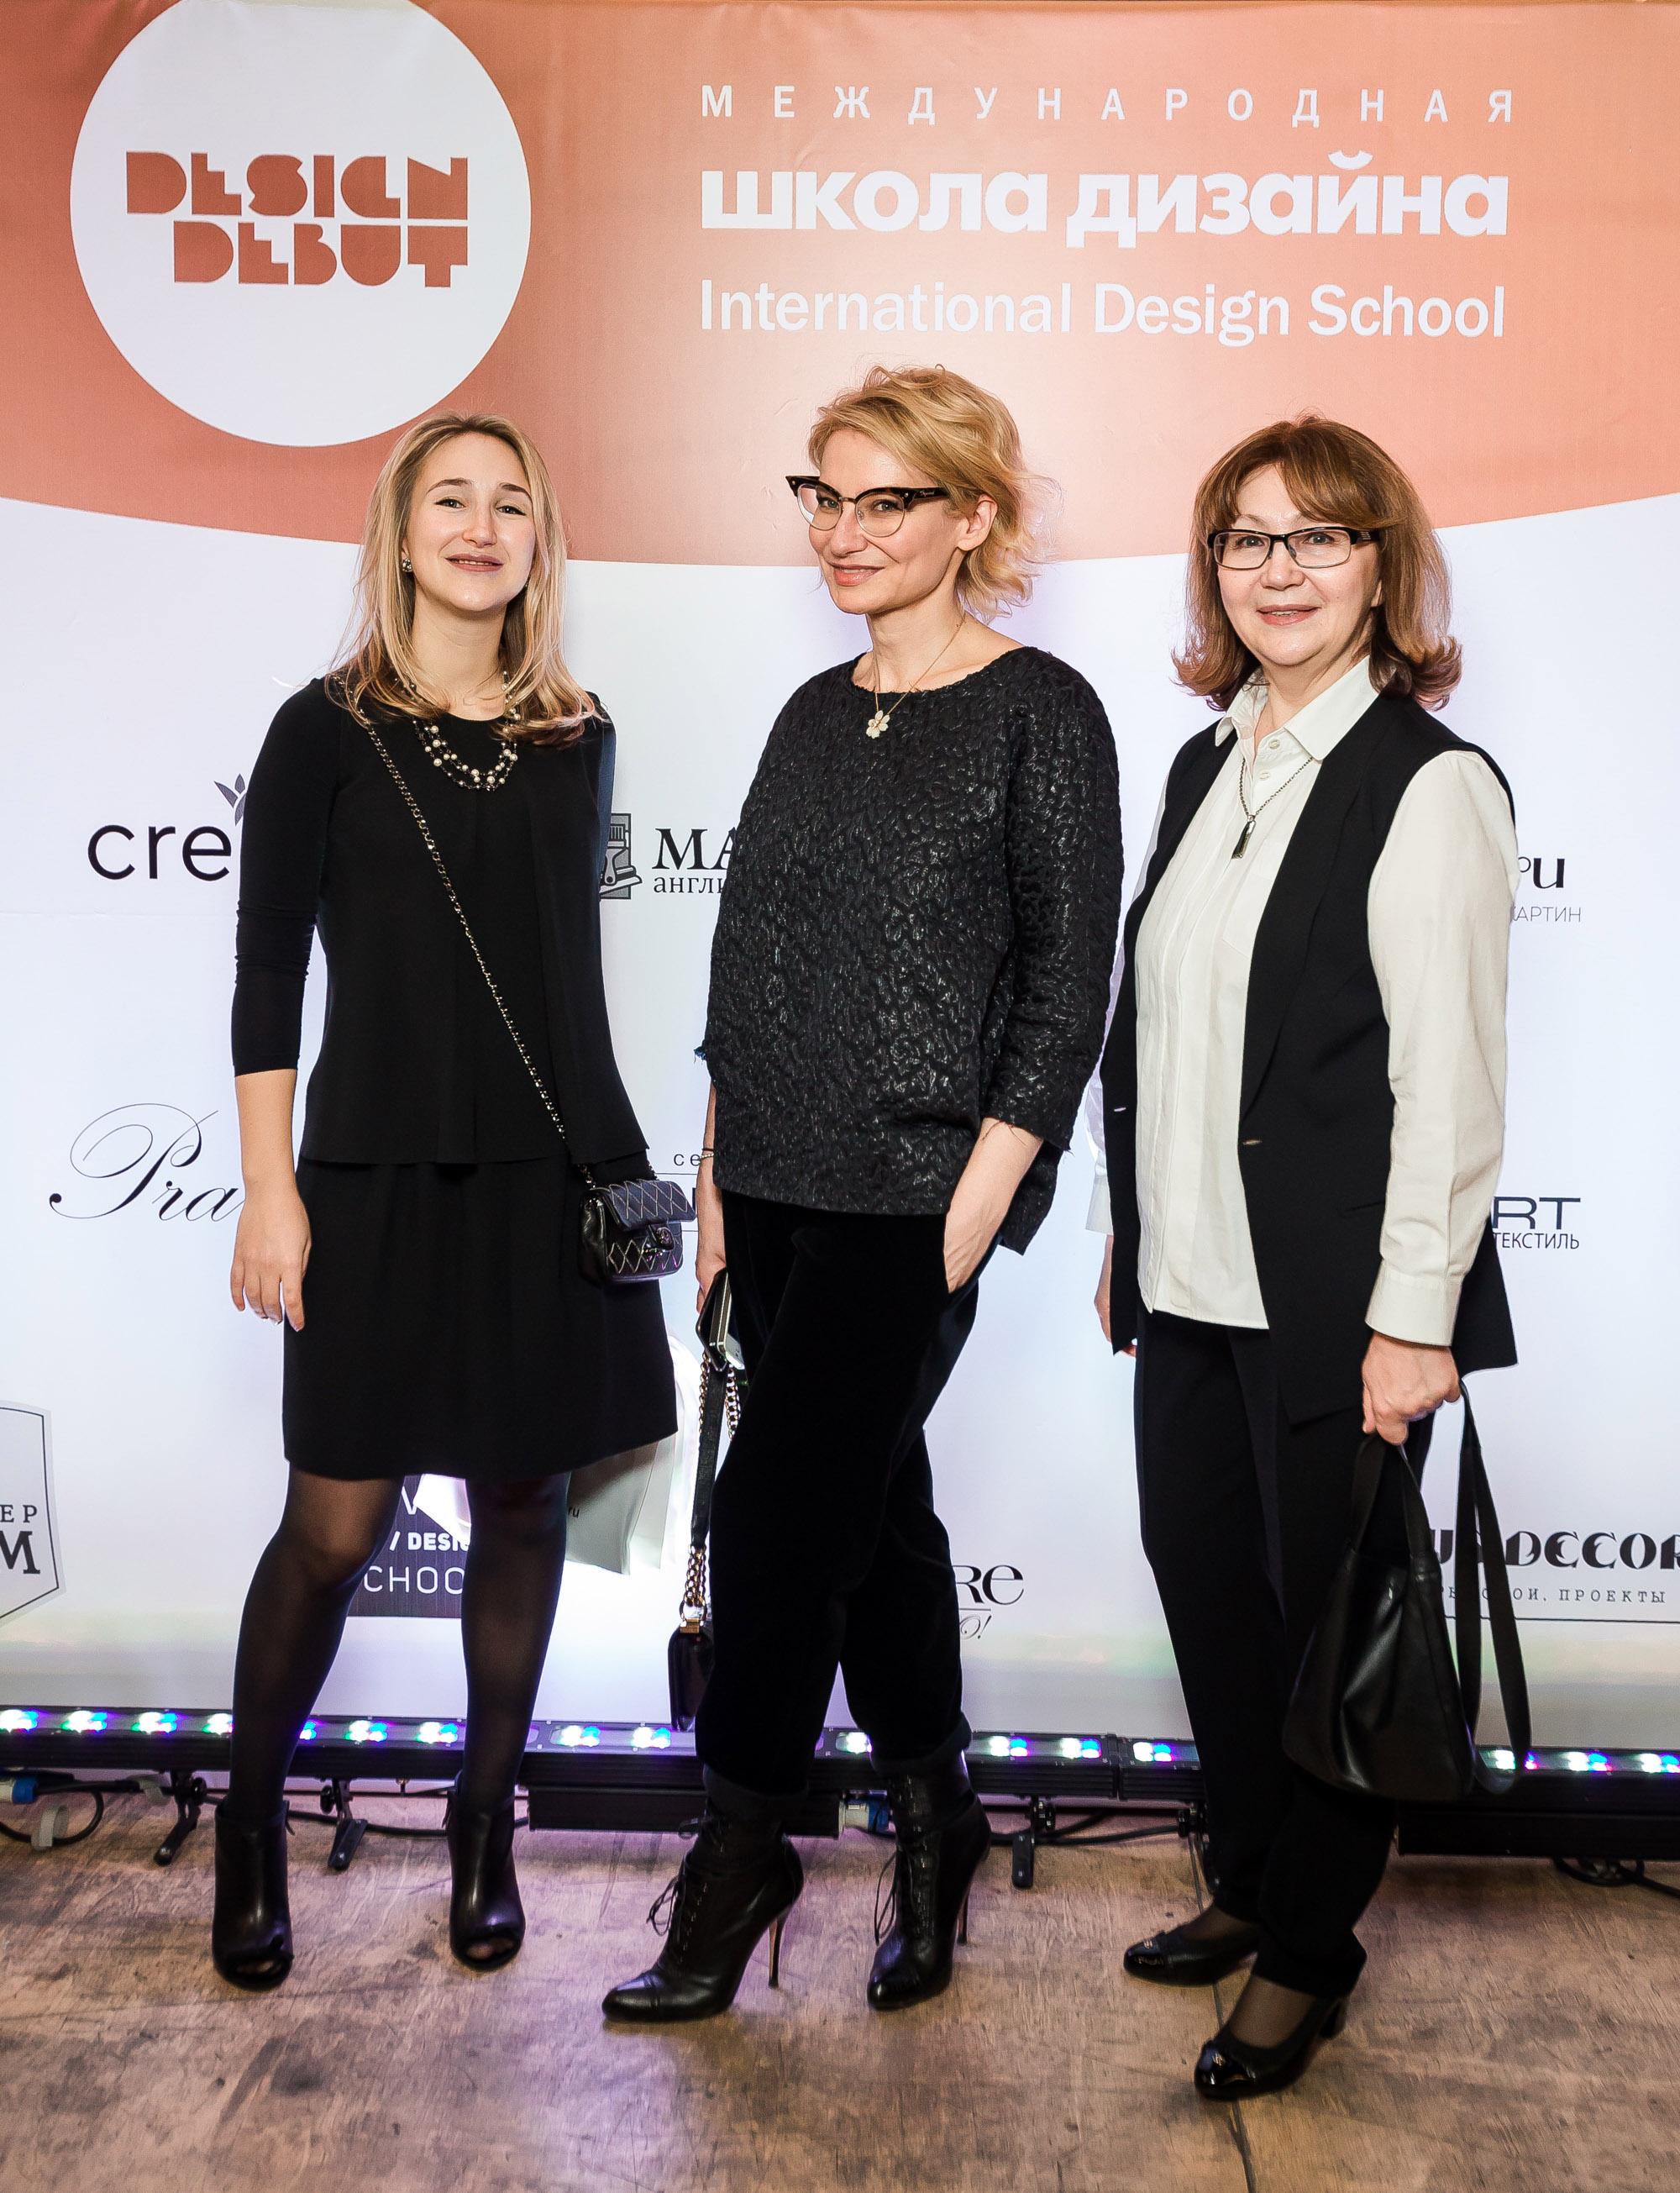 Елена Лазарева, Эвелина Хромченко, Надежда Лазарева